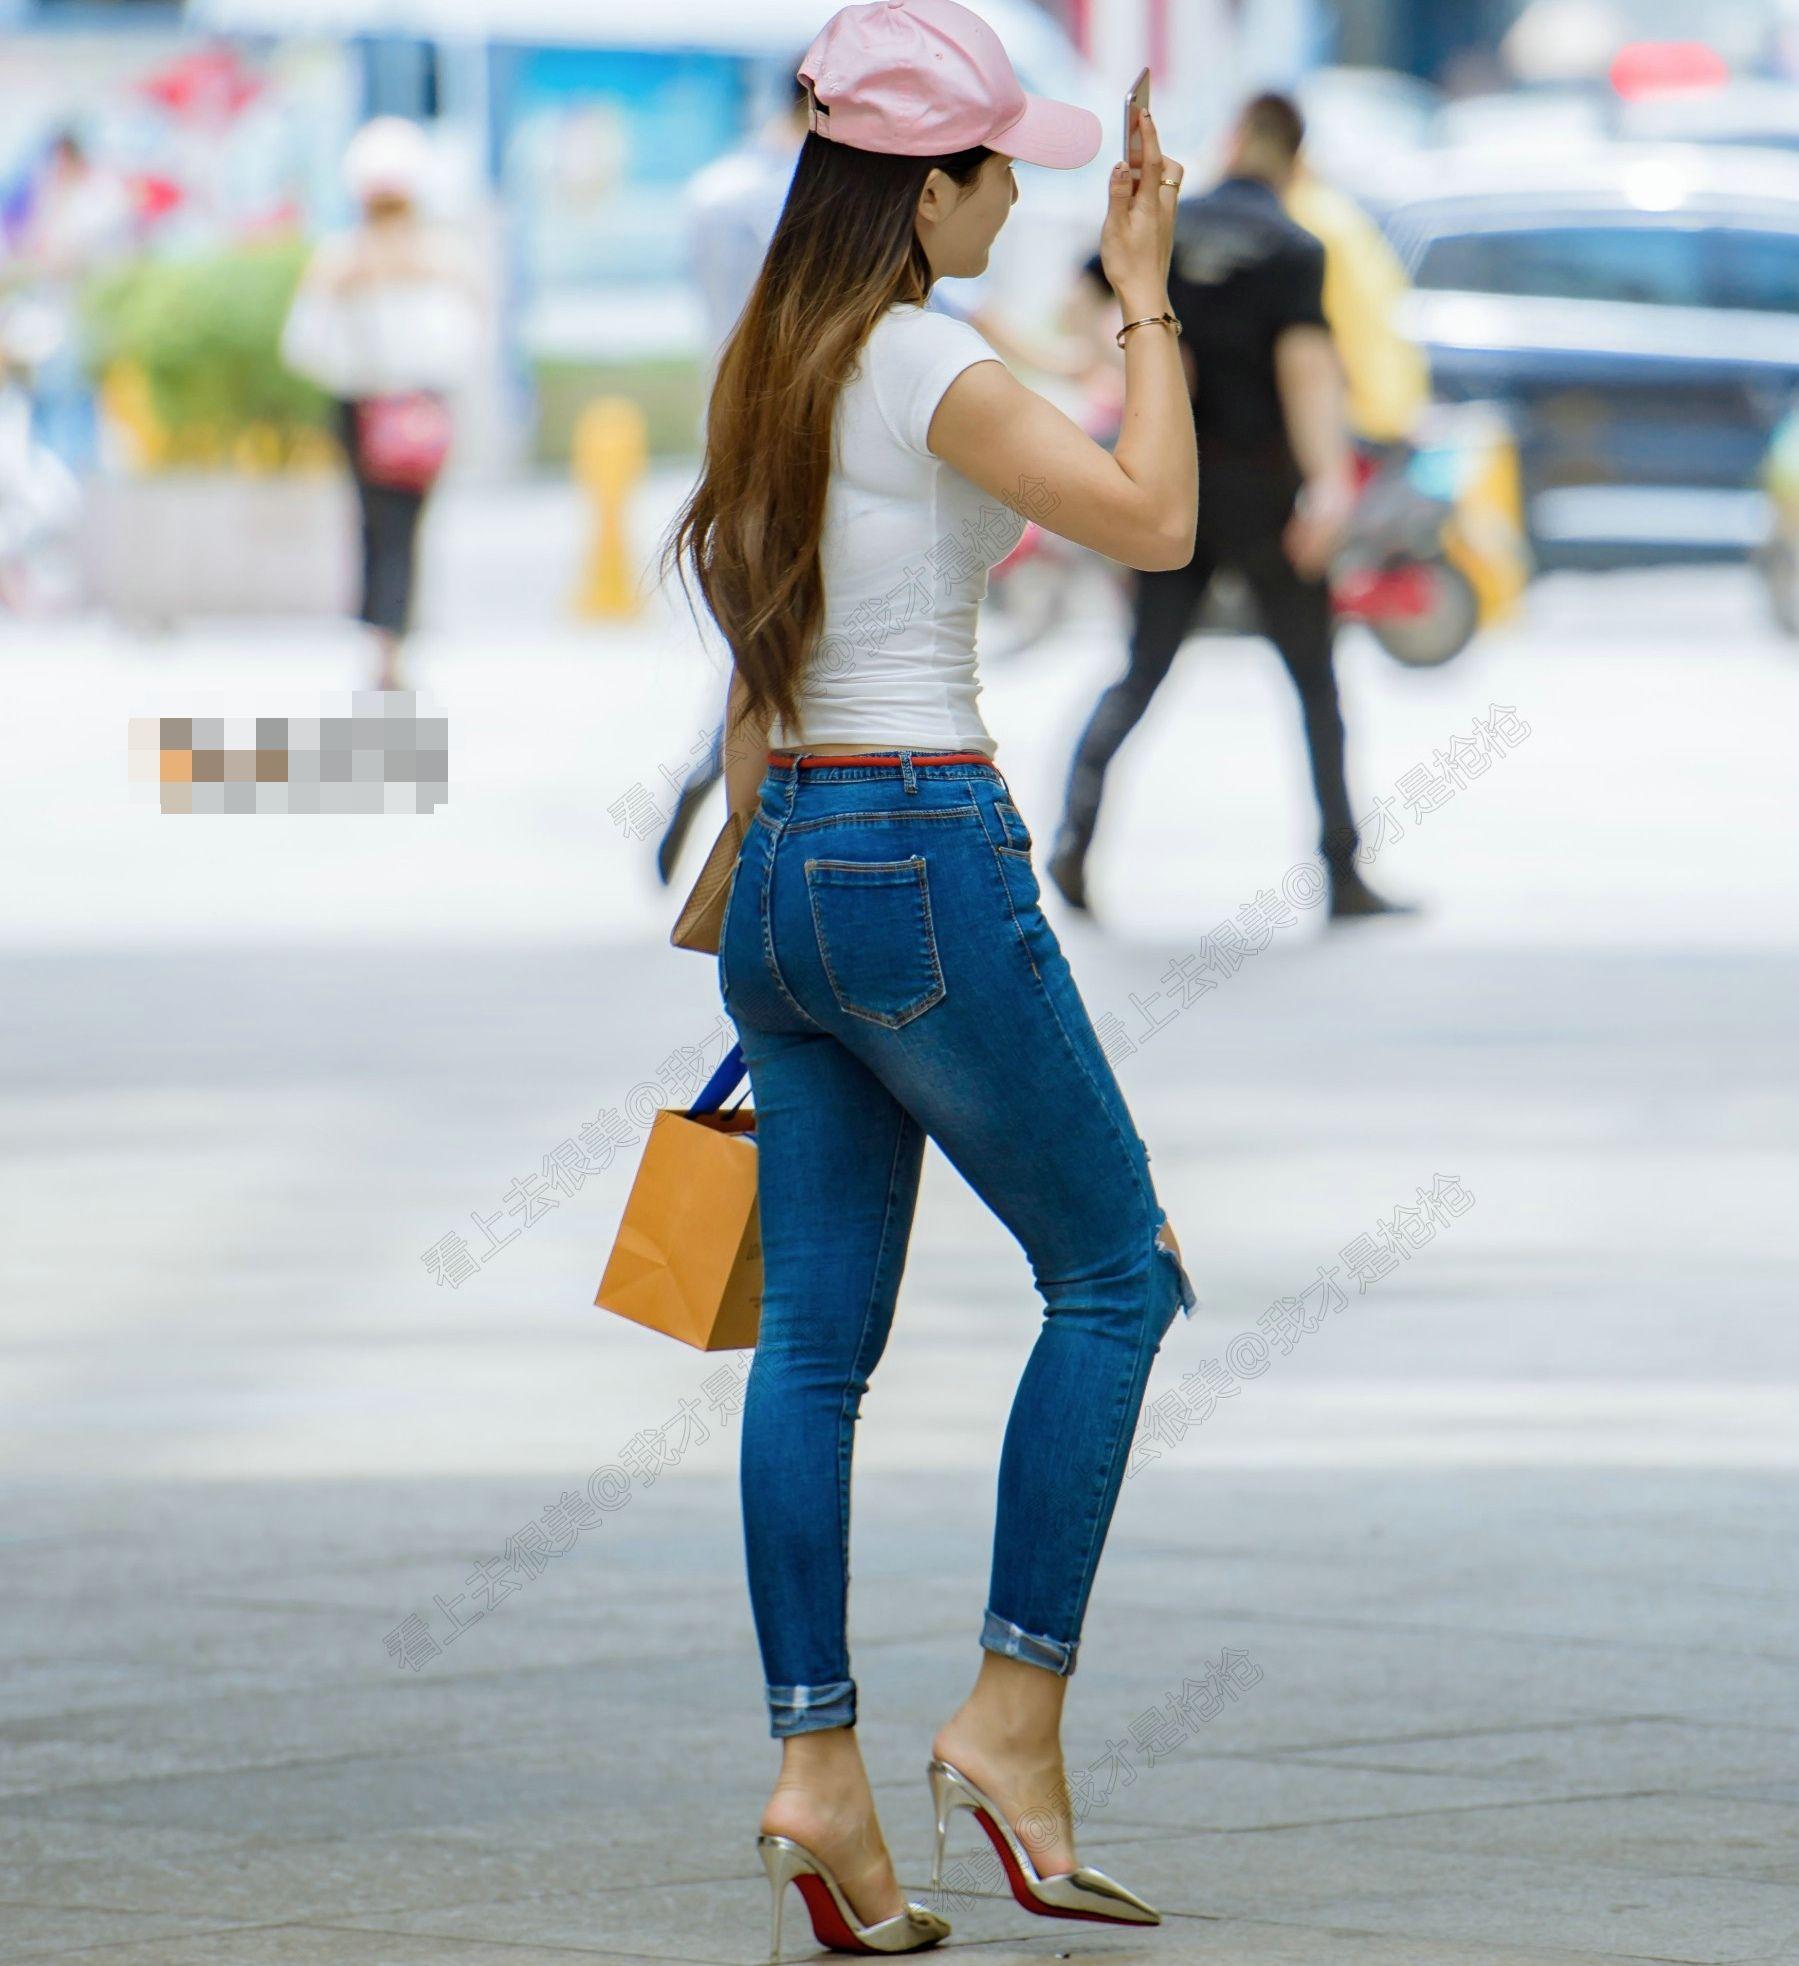 街拍:背影牛仔裤组图,高跟鞋上美女a背影,过程曲线紧身衣服性感美女换图片